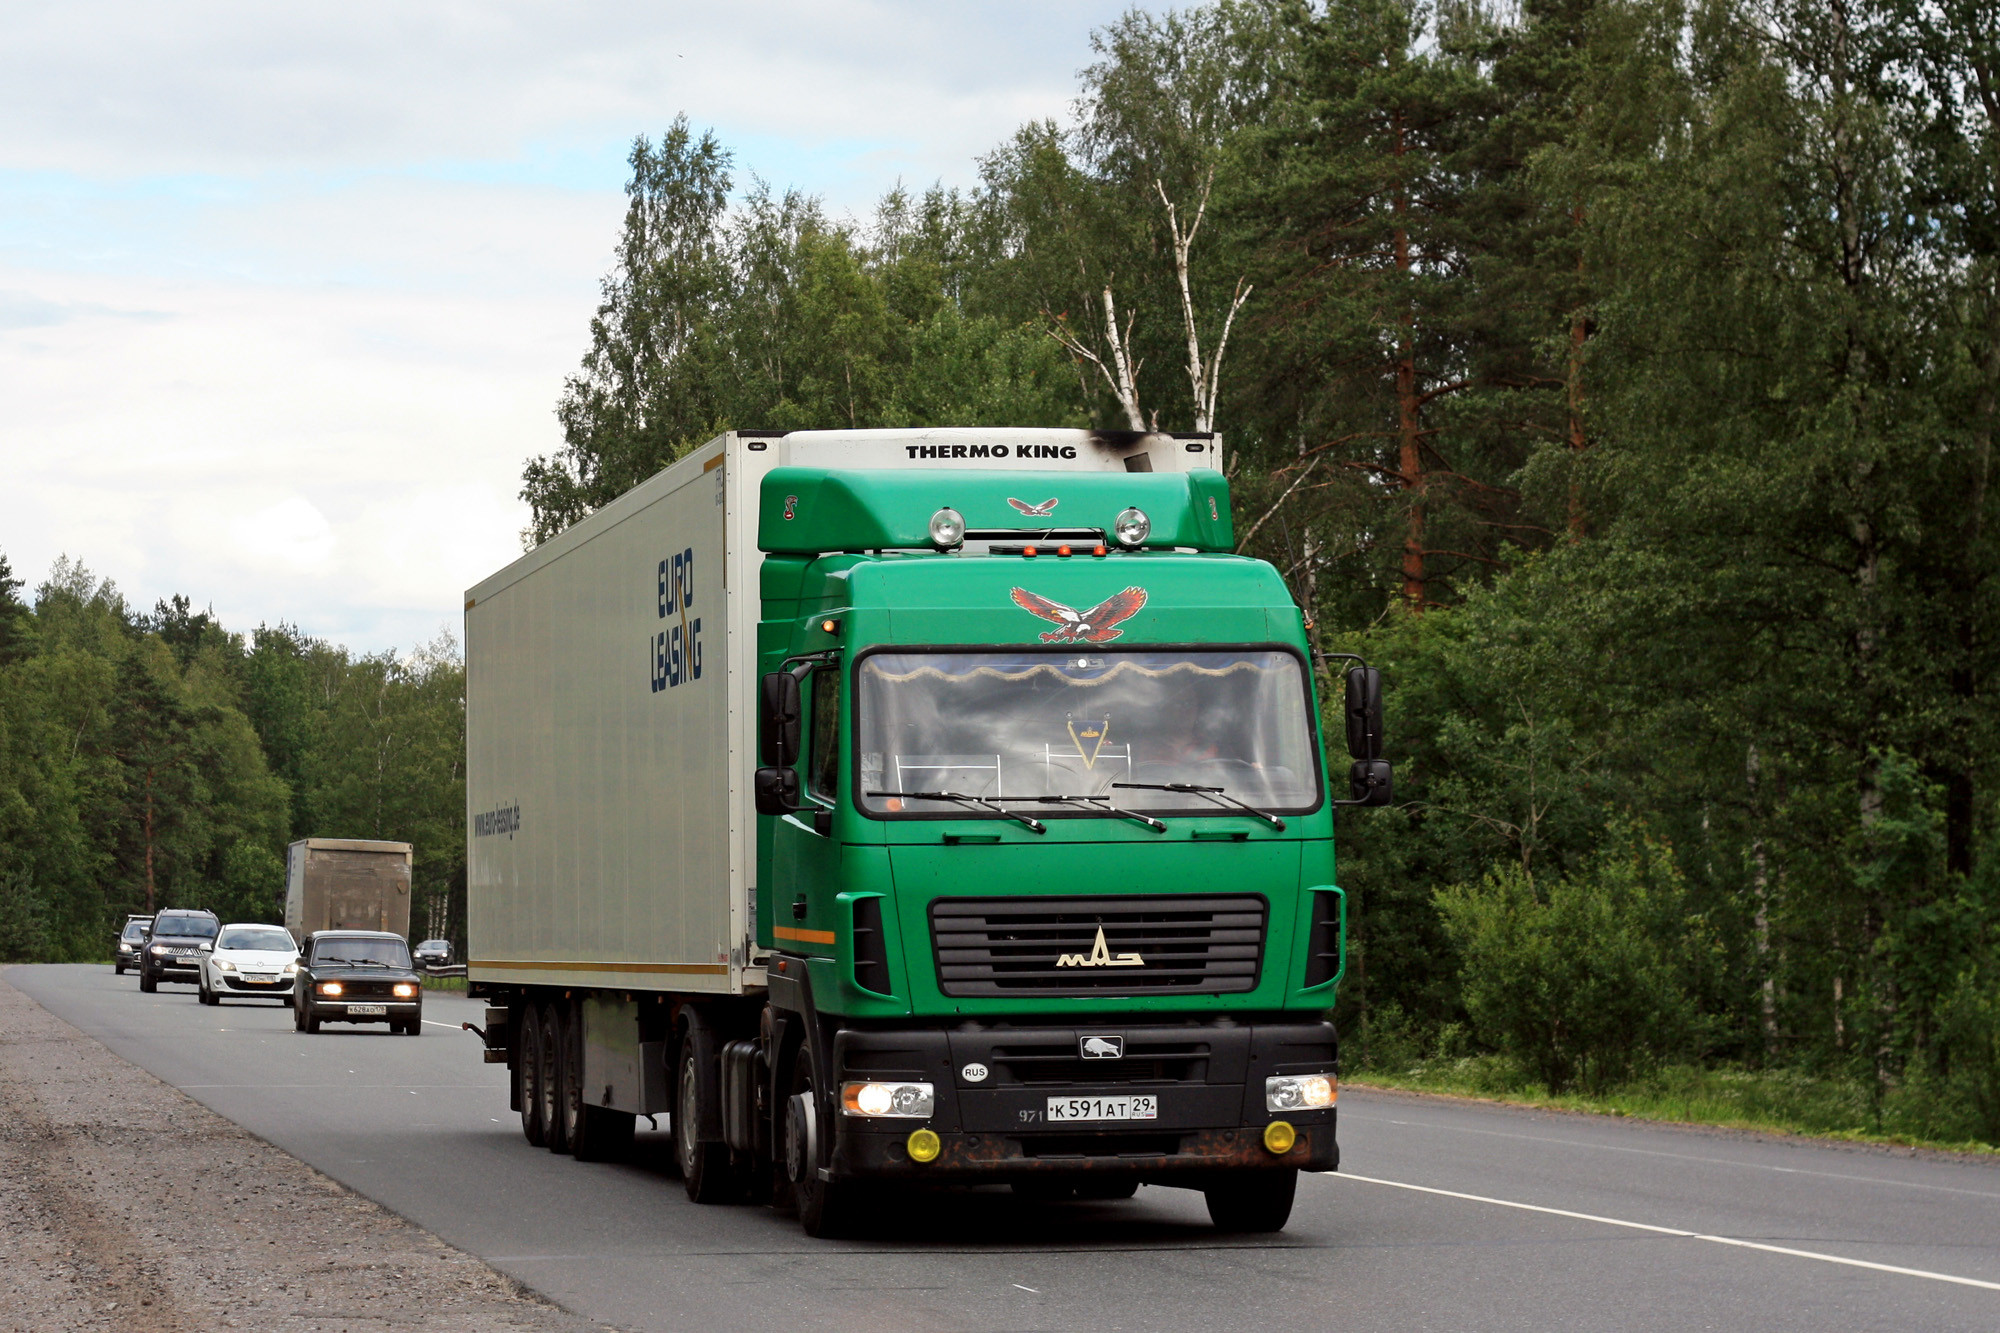 ВСамаре грузовой автомобиль насмерть сбил пожилого мужчину